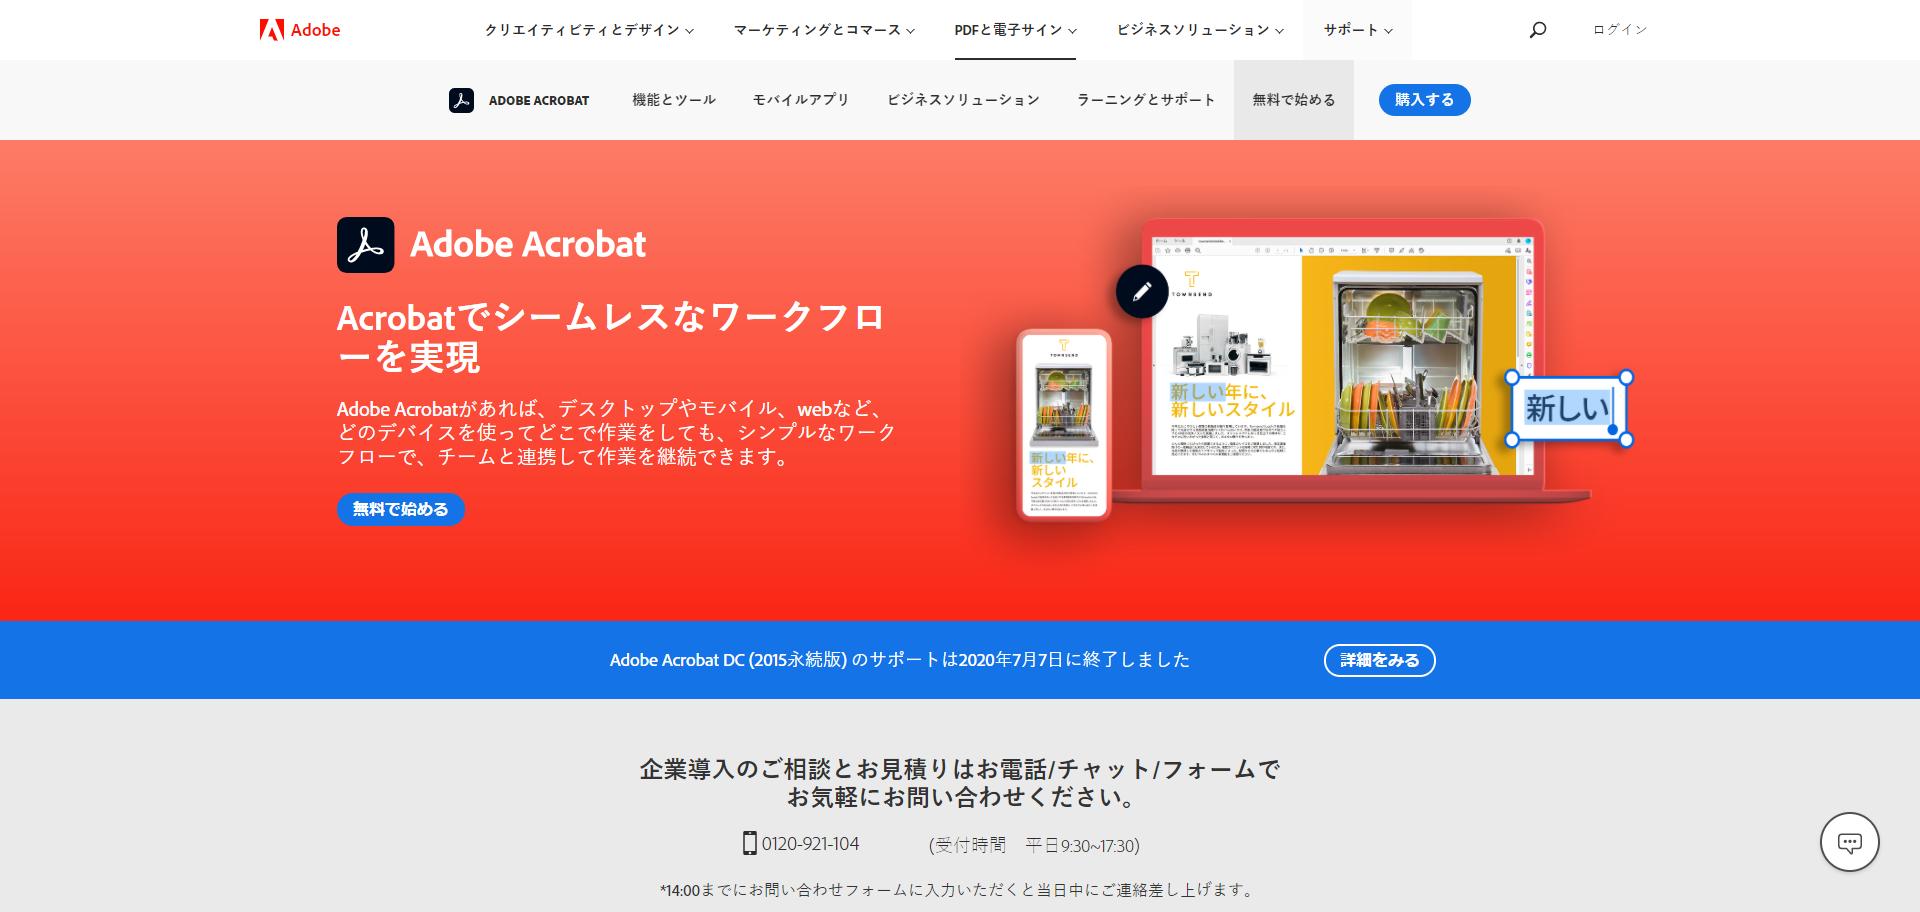 Adobe Acrobatを使うトリミングの方法